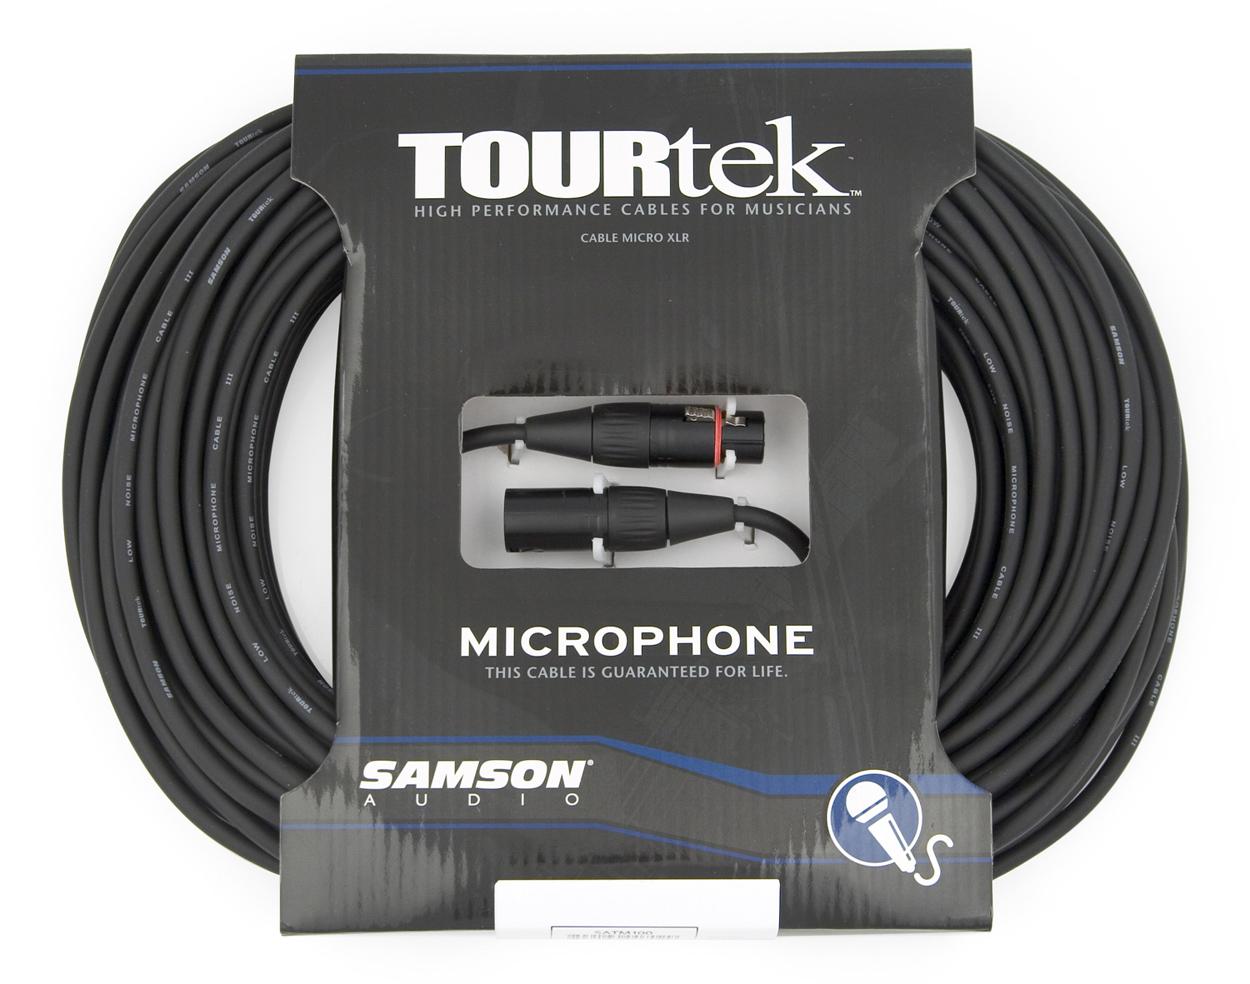 Samson Tourtek TM100